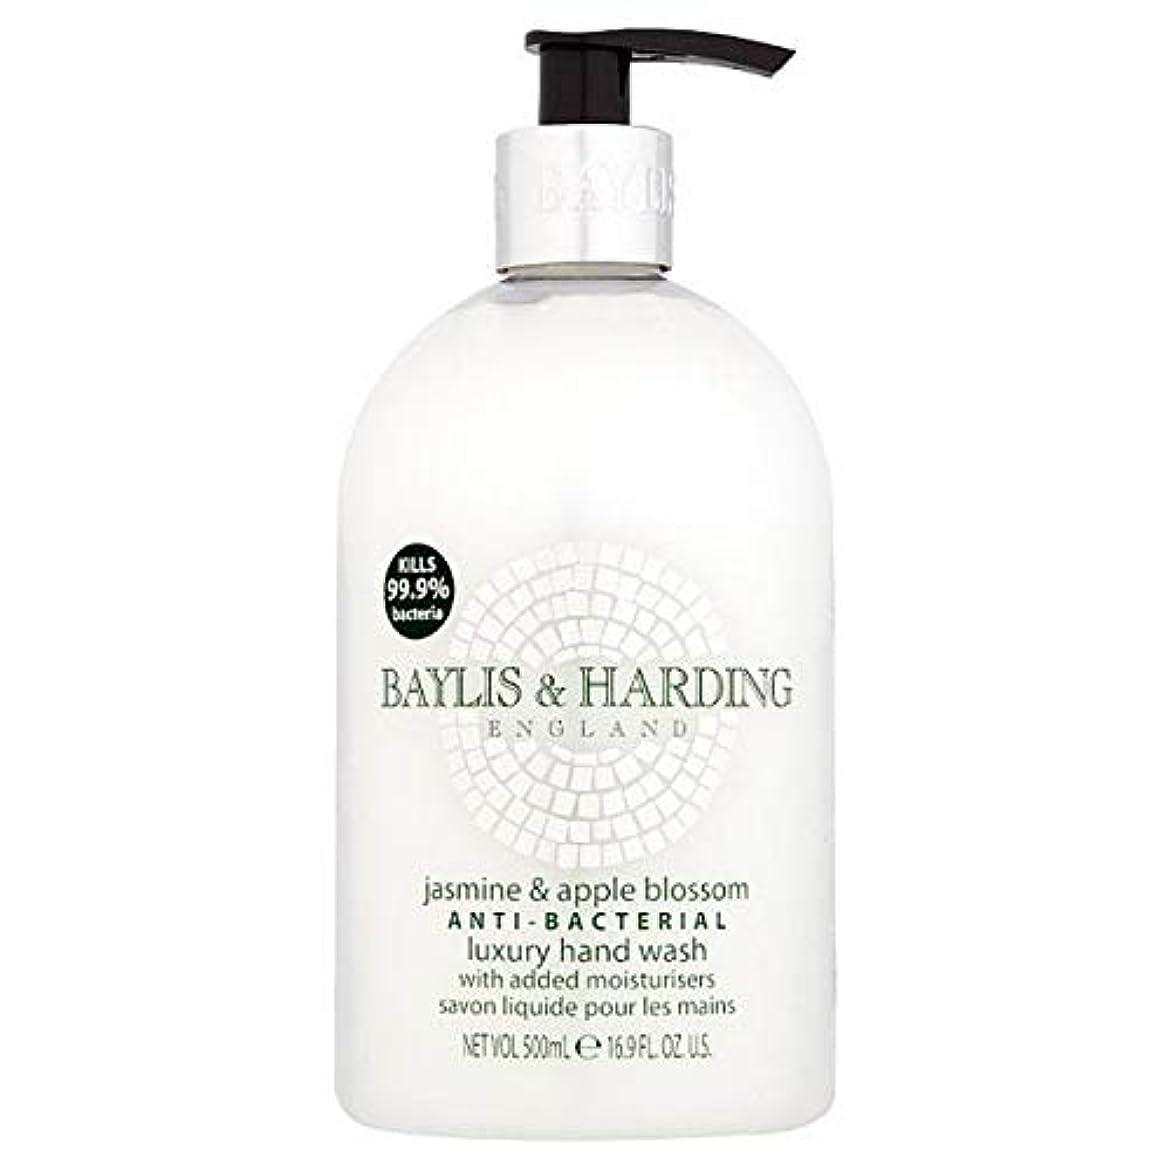 清める解読する知的[Baylis & Harding ] ベイリス&ハーディング署名抗菌手洗い用500ミリリットル - Baylis & Harding Signature Antibacterial Hand Wash 500ml [並行輸入品]